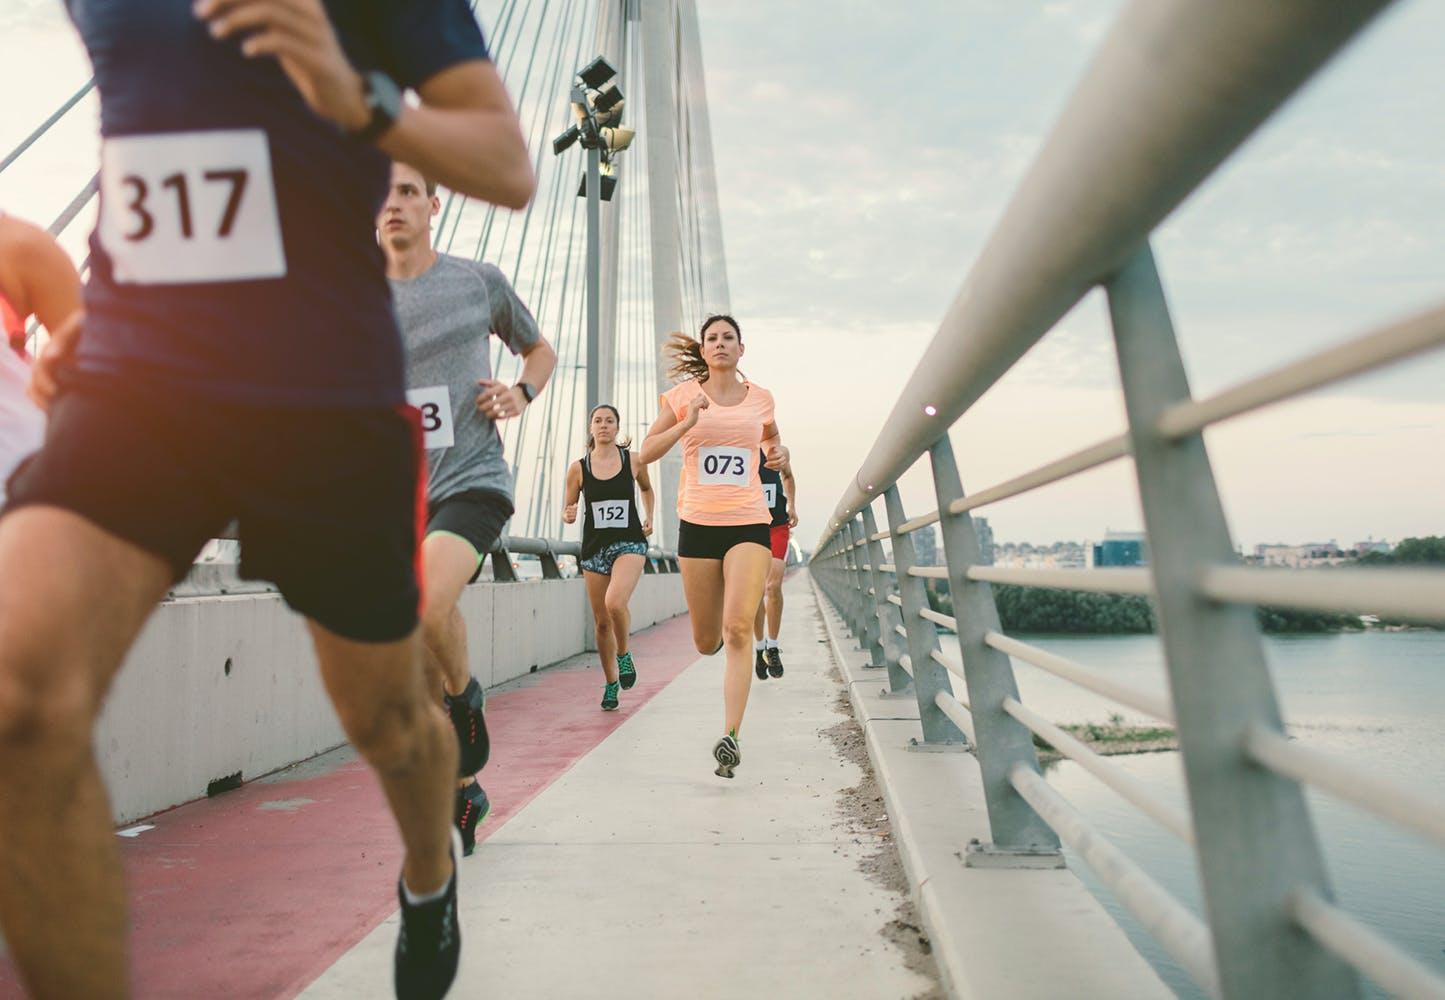 Aktiv Træning - Danmarks bedste træningssite | Aktiv Træning